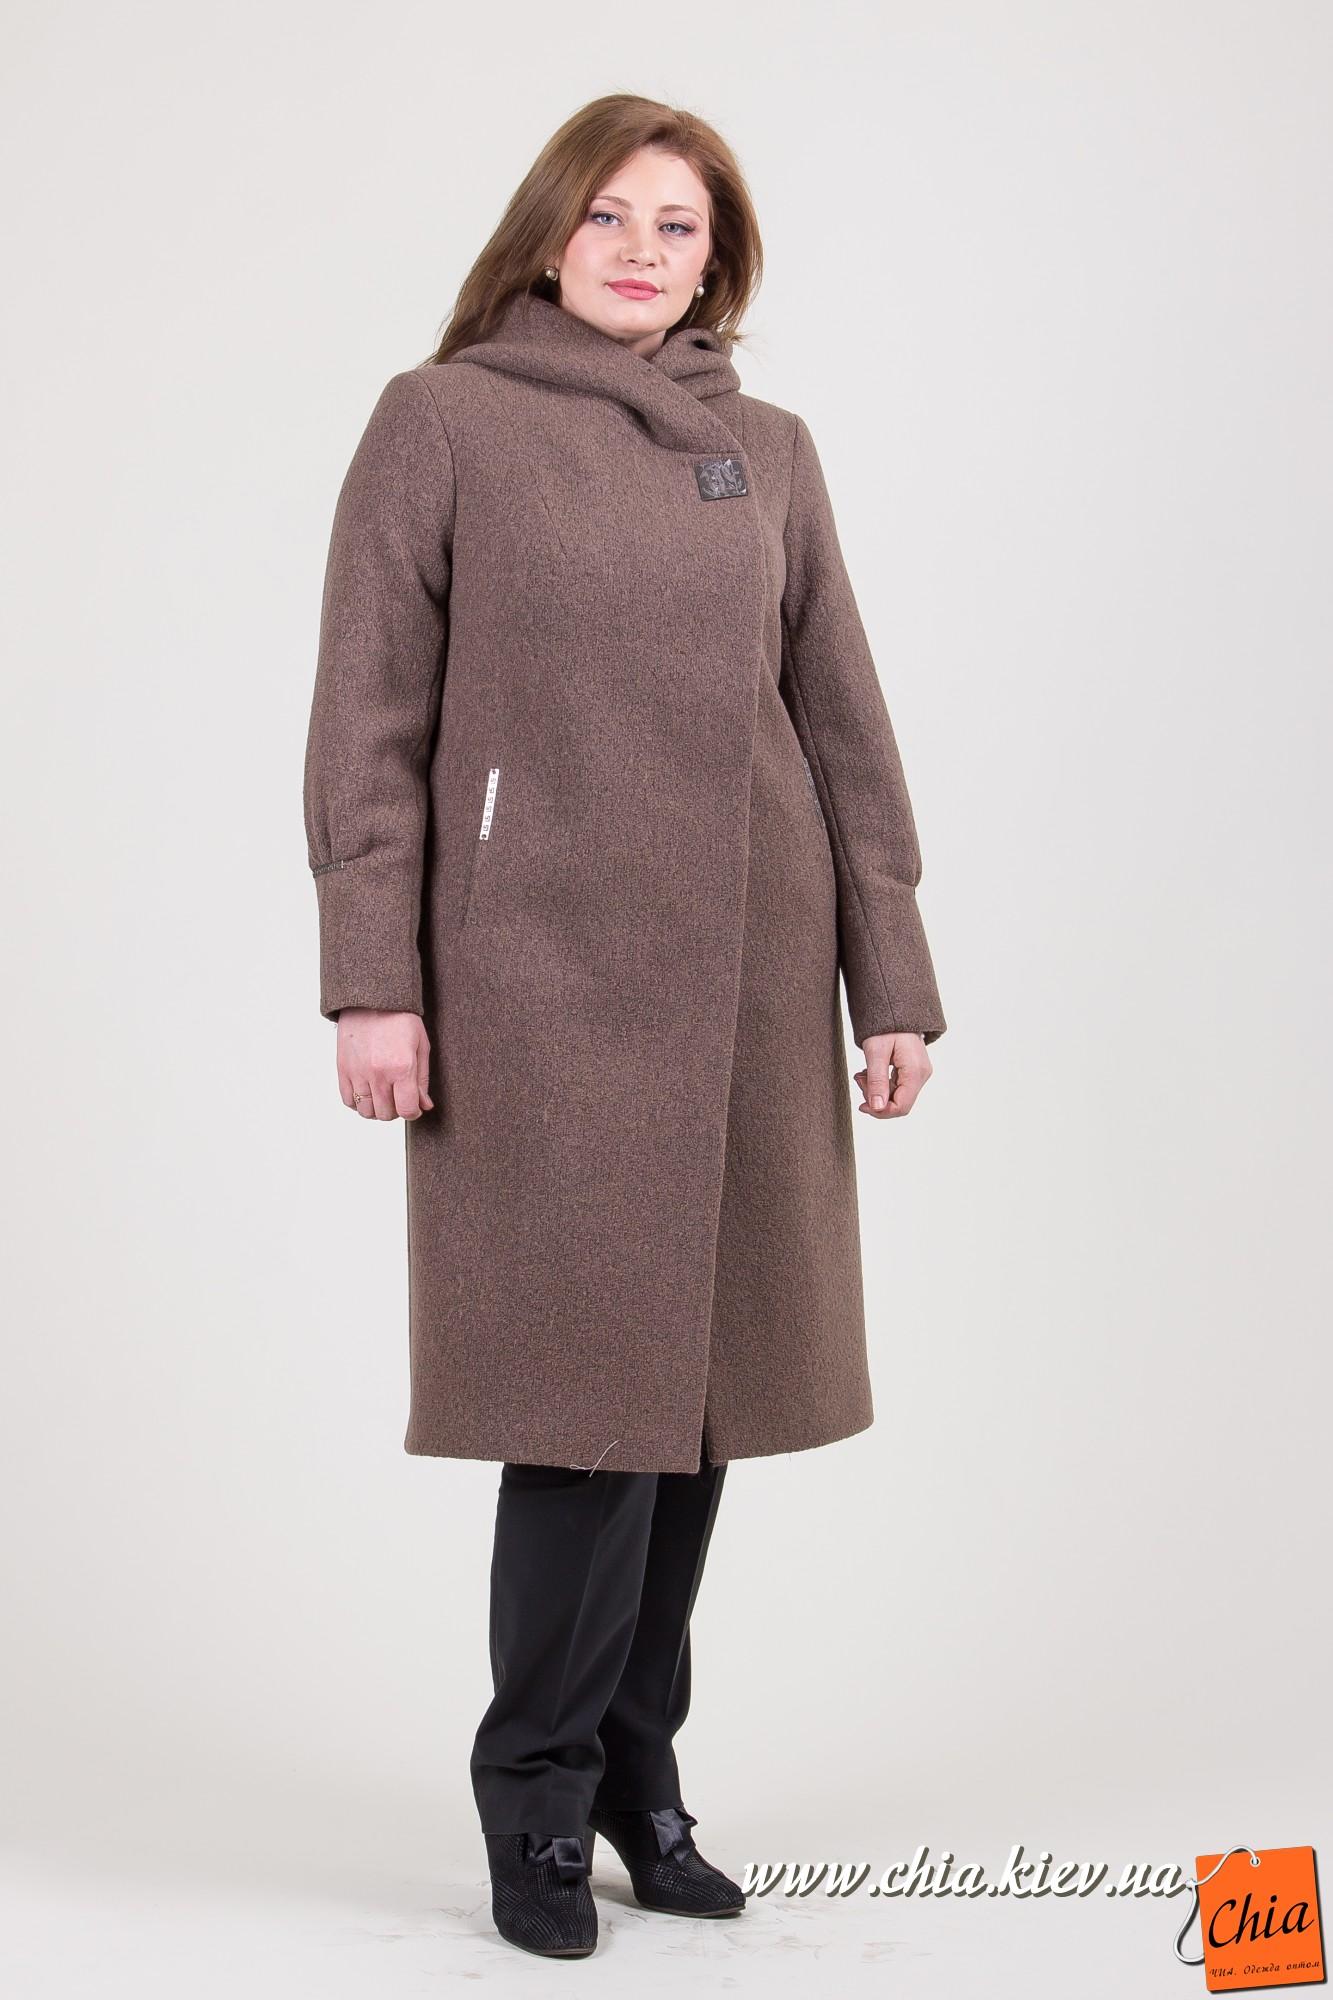 Недорогие пальто